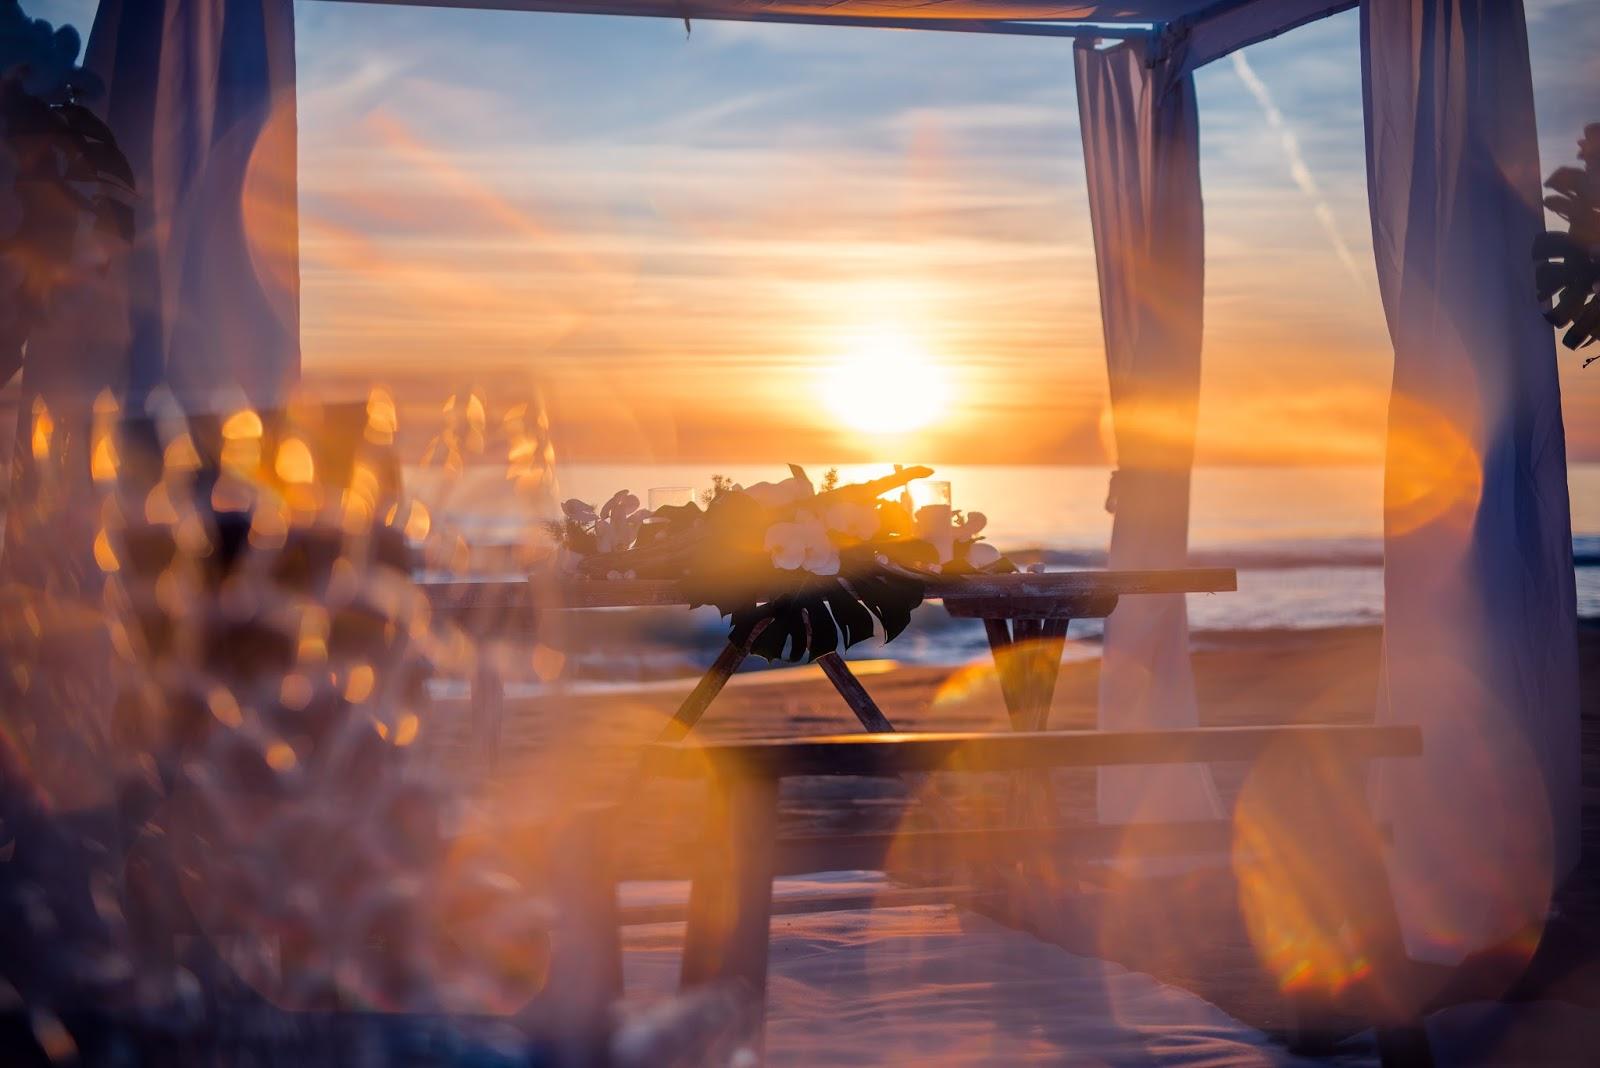 Matrimonio in spiaggia: ecco come realizzare il sogno!